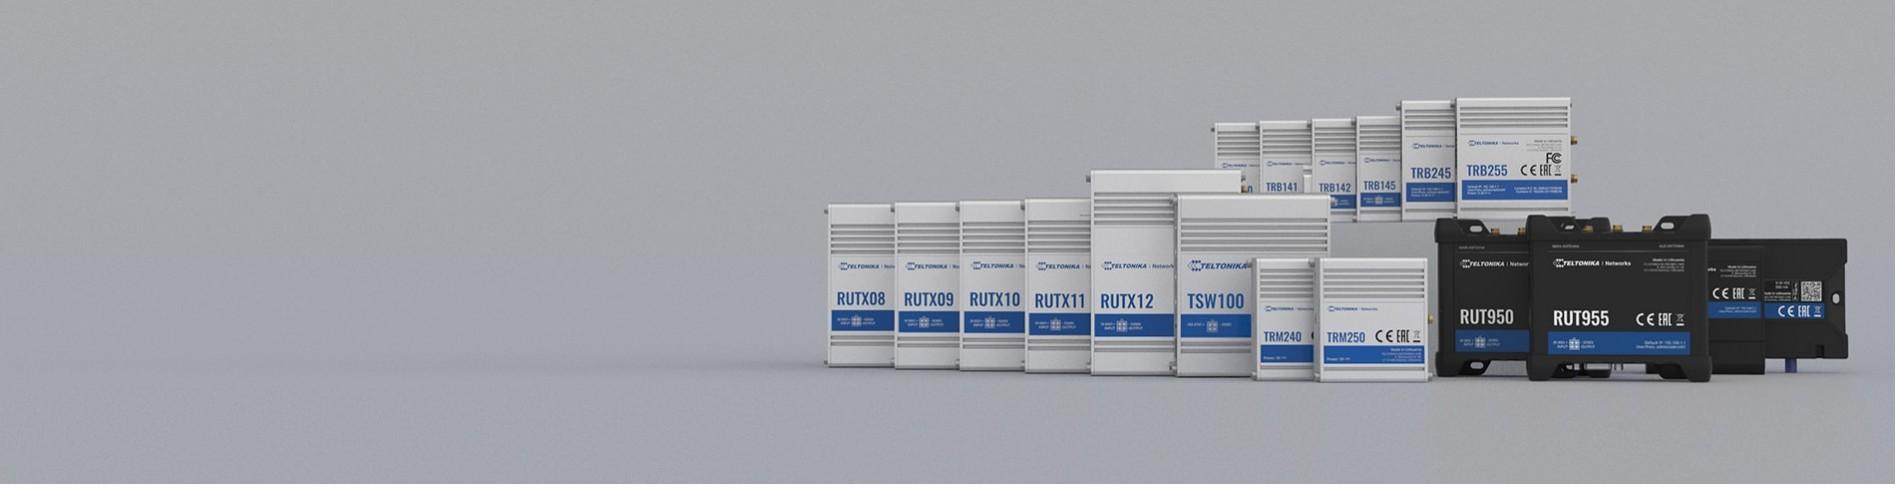 products.06537800adad1c7c7b7824708b1a1f87ccd097295